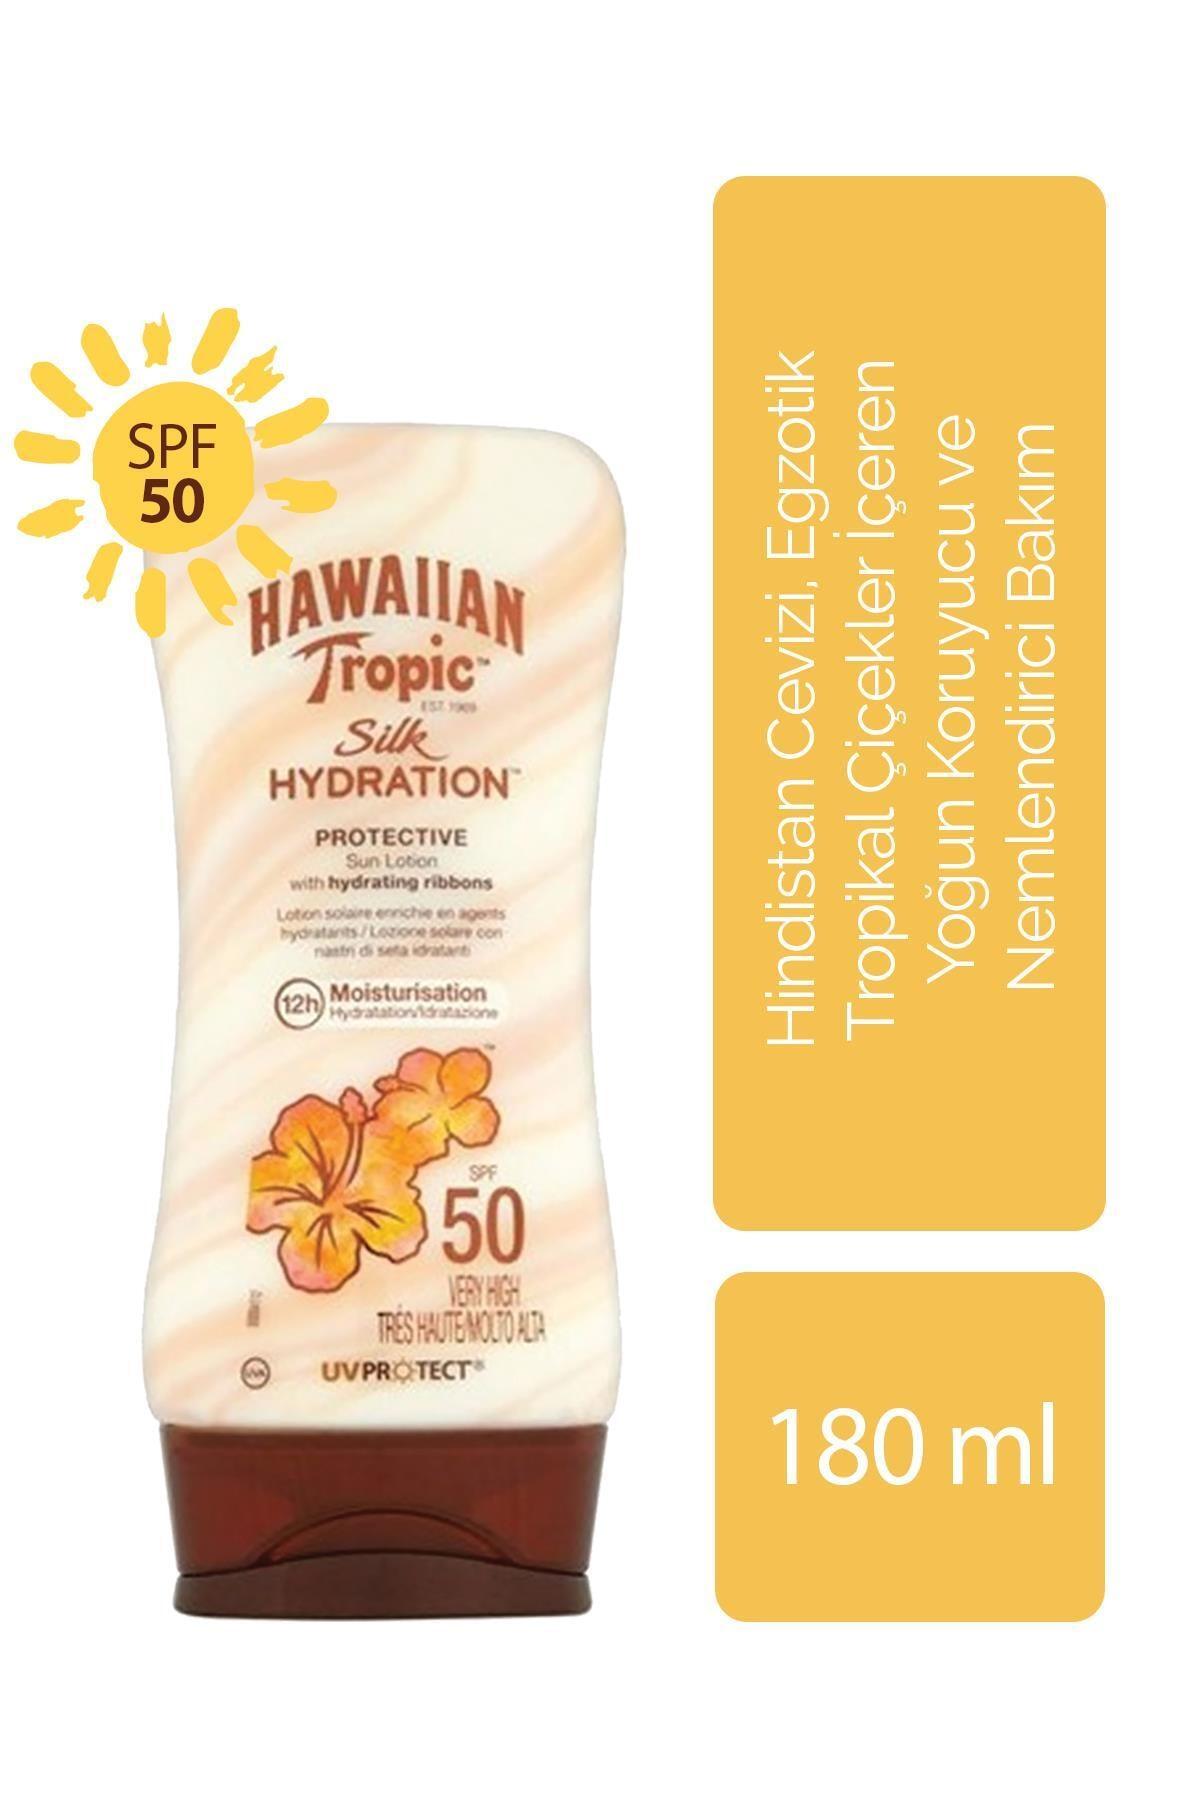 Hawaiian Tropic Hindistan Cevizi, Egzotik Tropikal Çiçekler İçeren Koruyucu Ve Nemlendirici Vücut Losyonu Spf 50